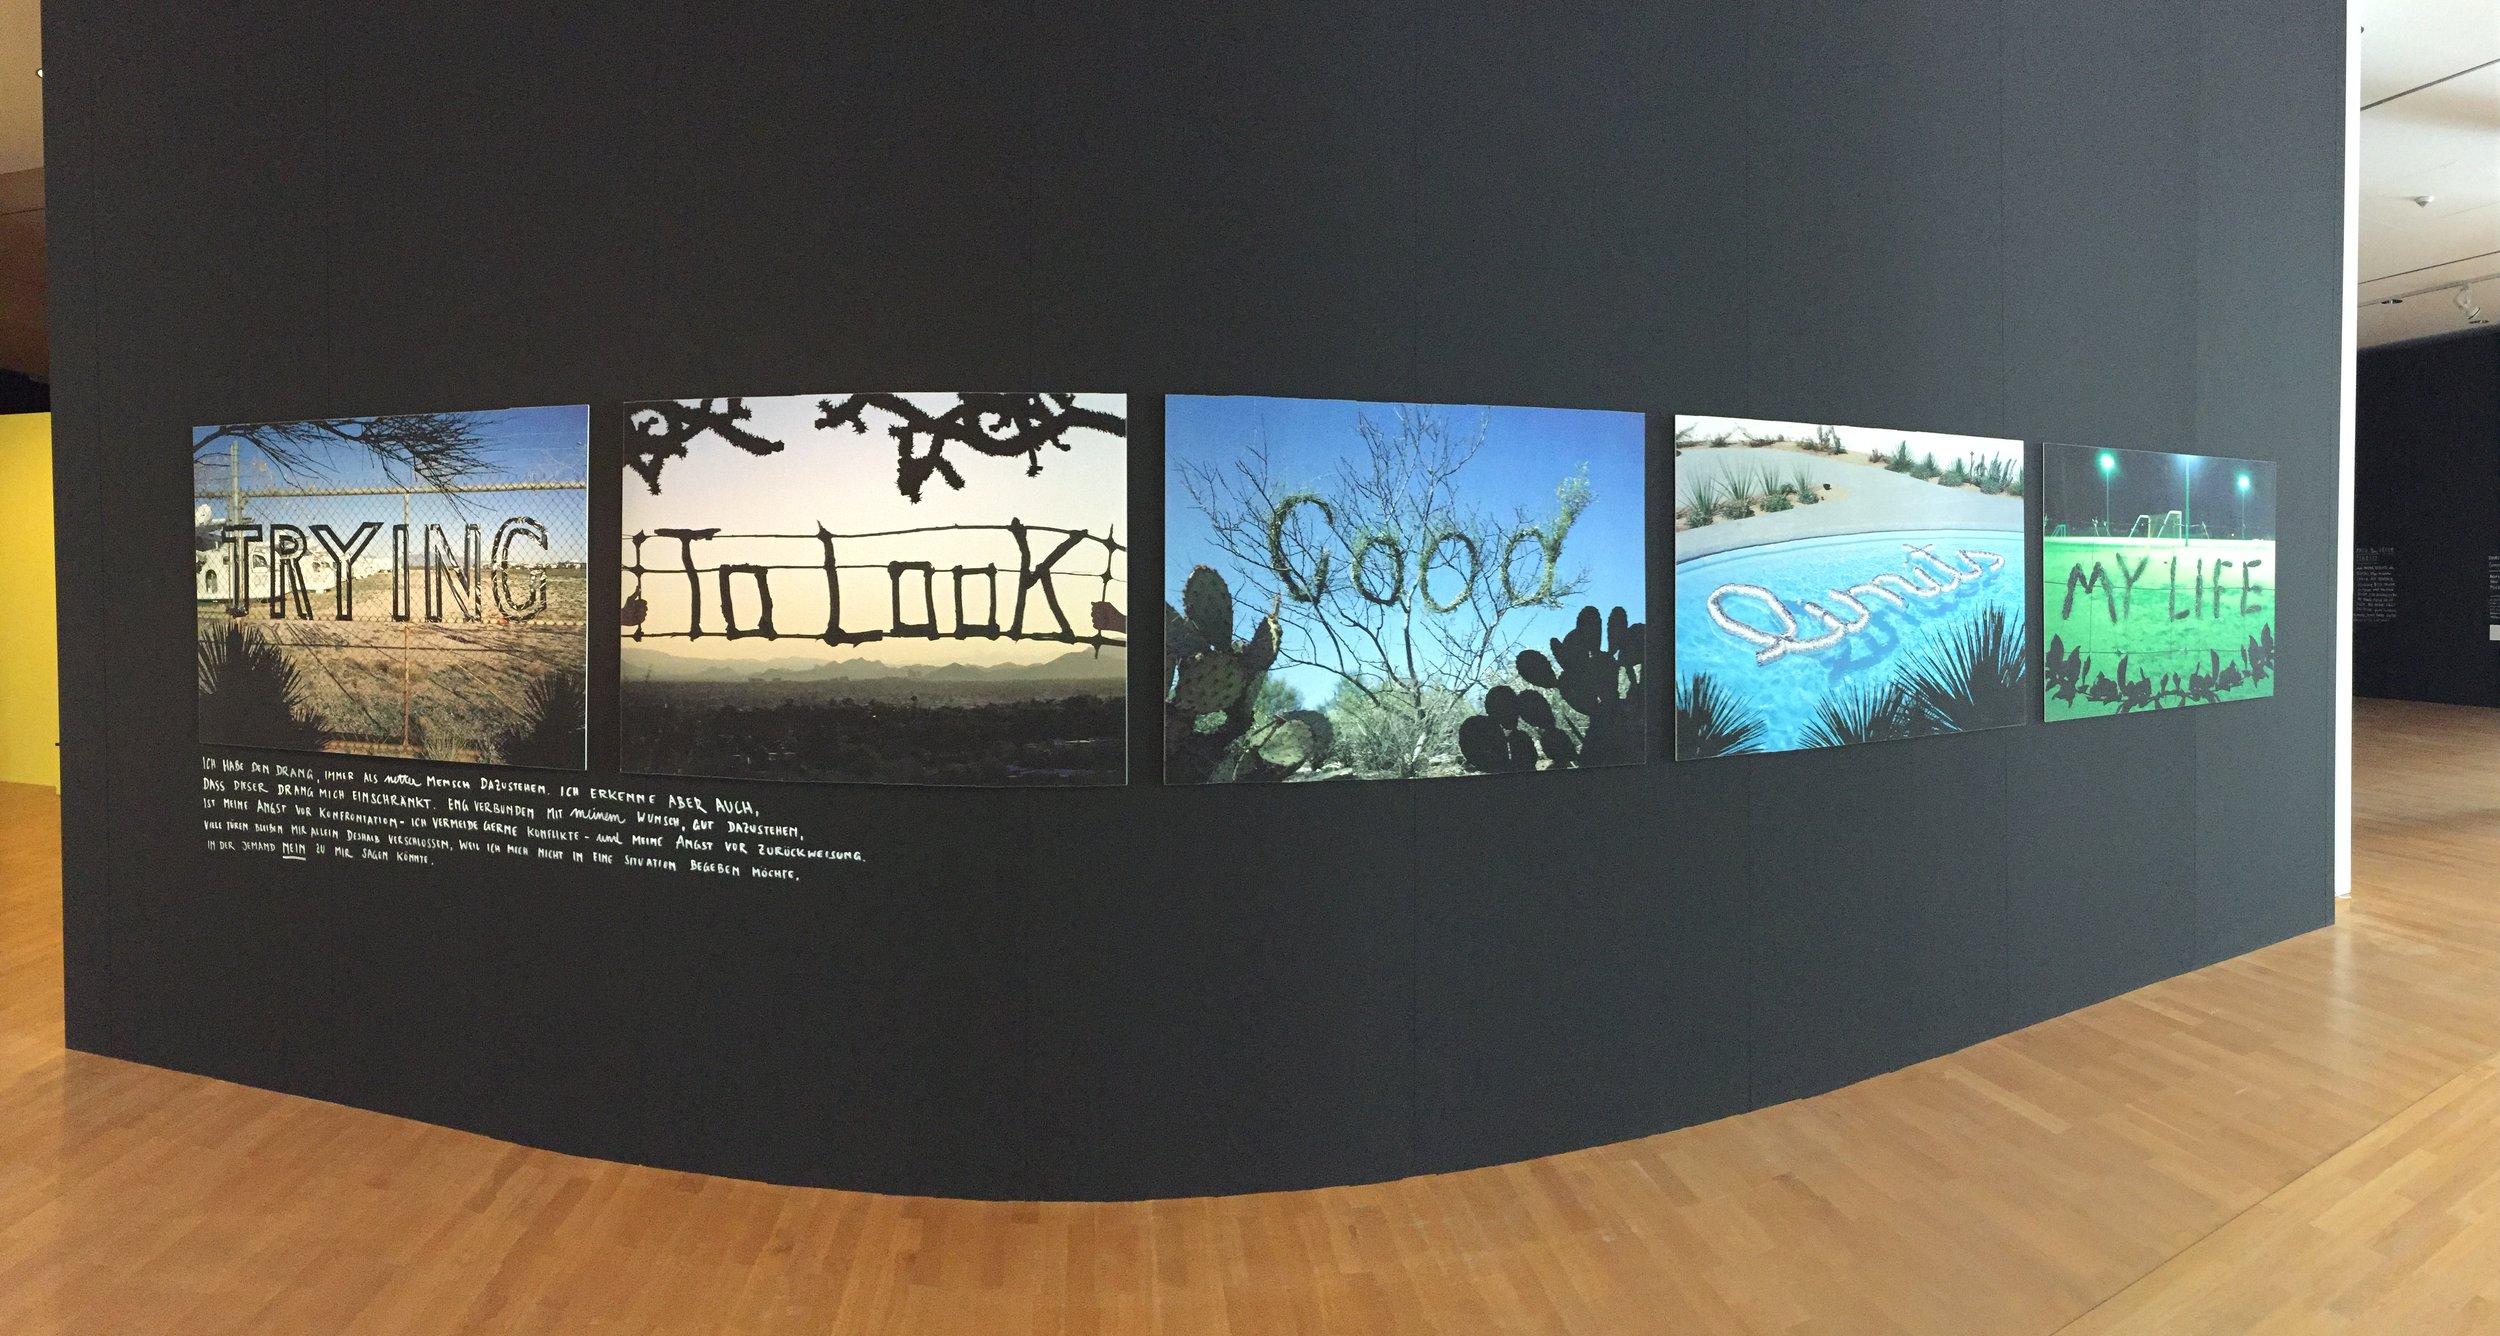 Ein Objekt der Ausstellung: Trying to look good limits my life